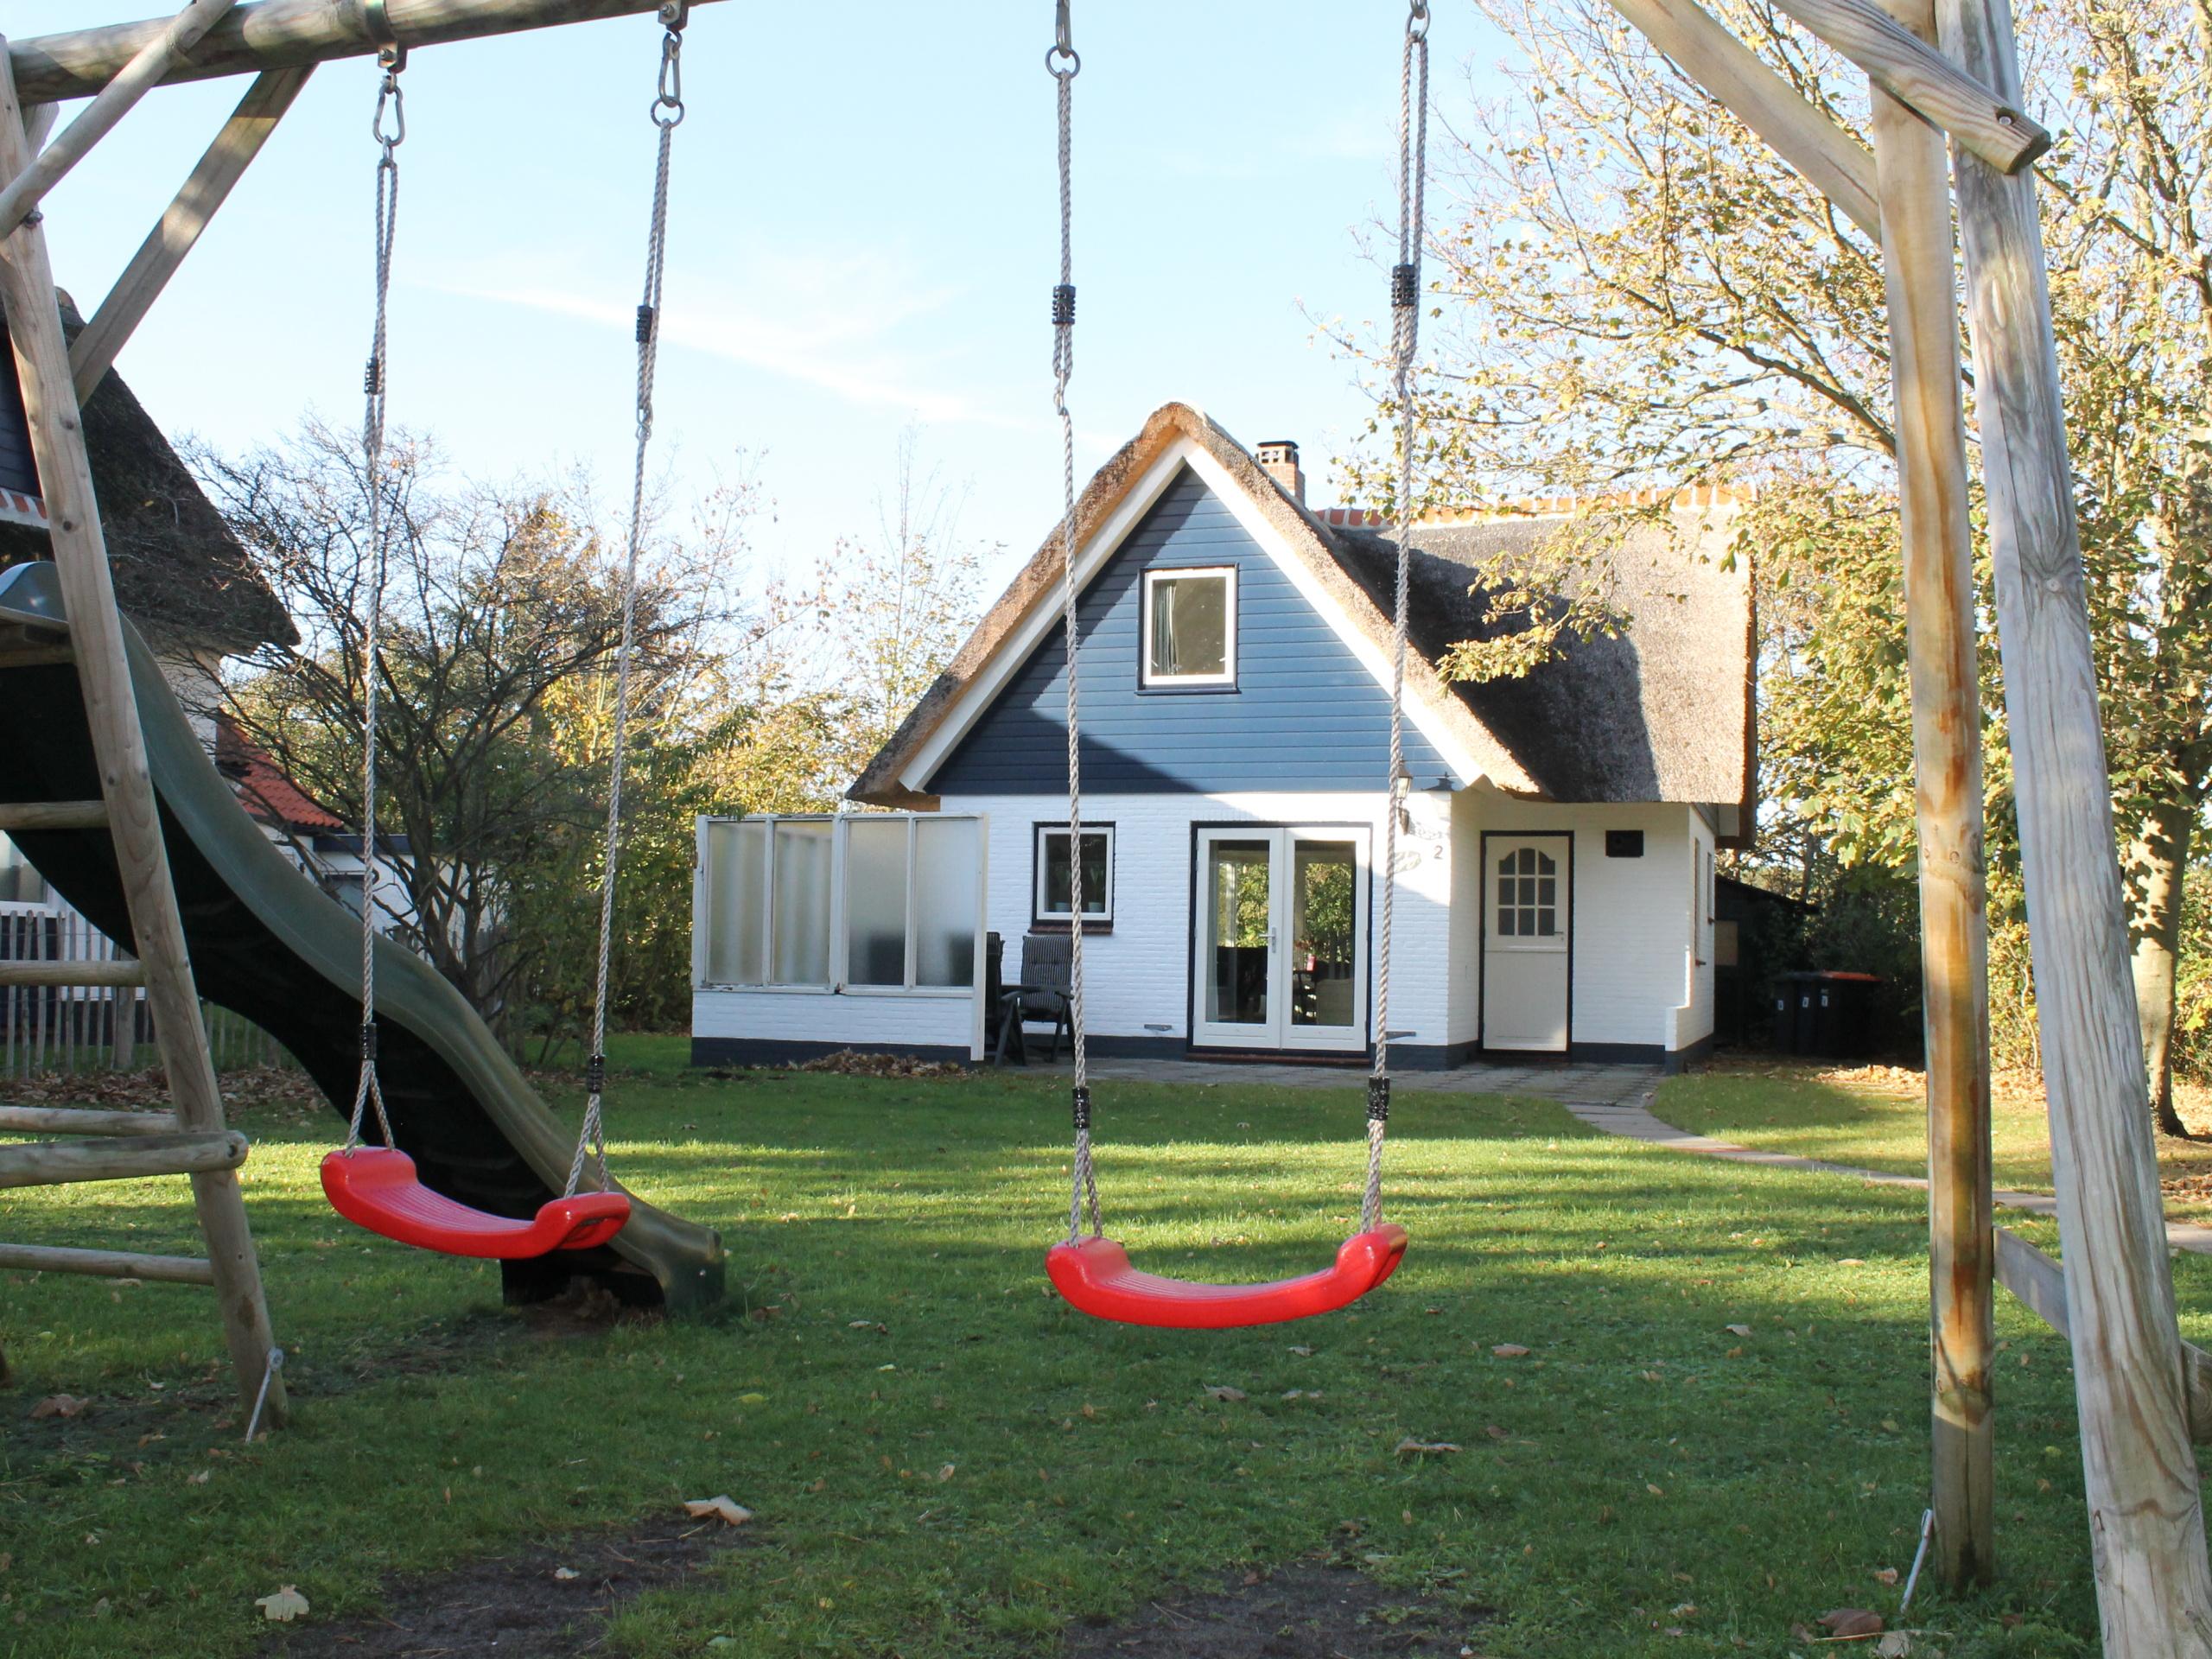 Vrijstaand vakantiehuis vlakbij het bos en het strand in De Koog